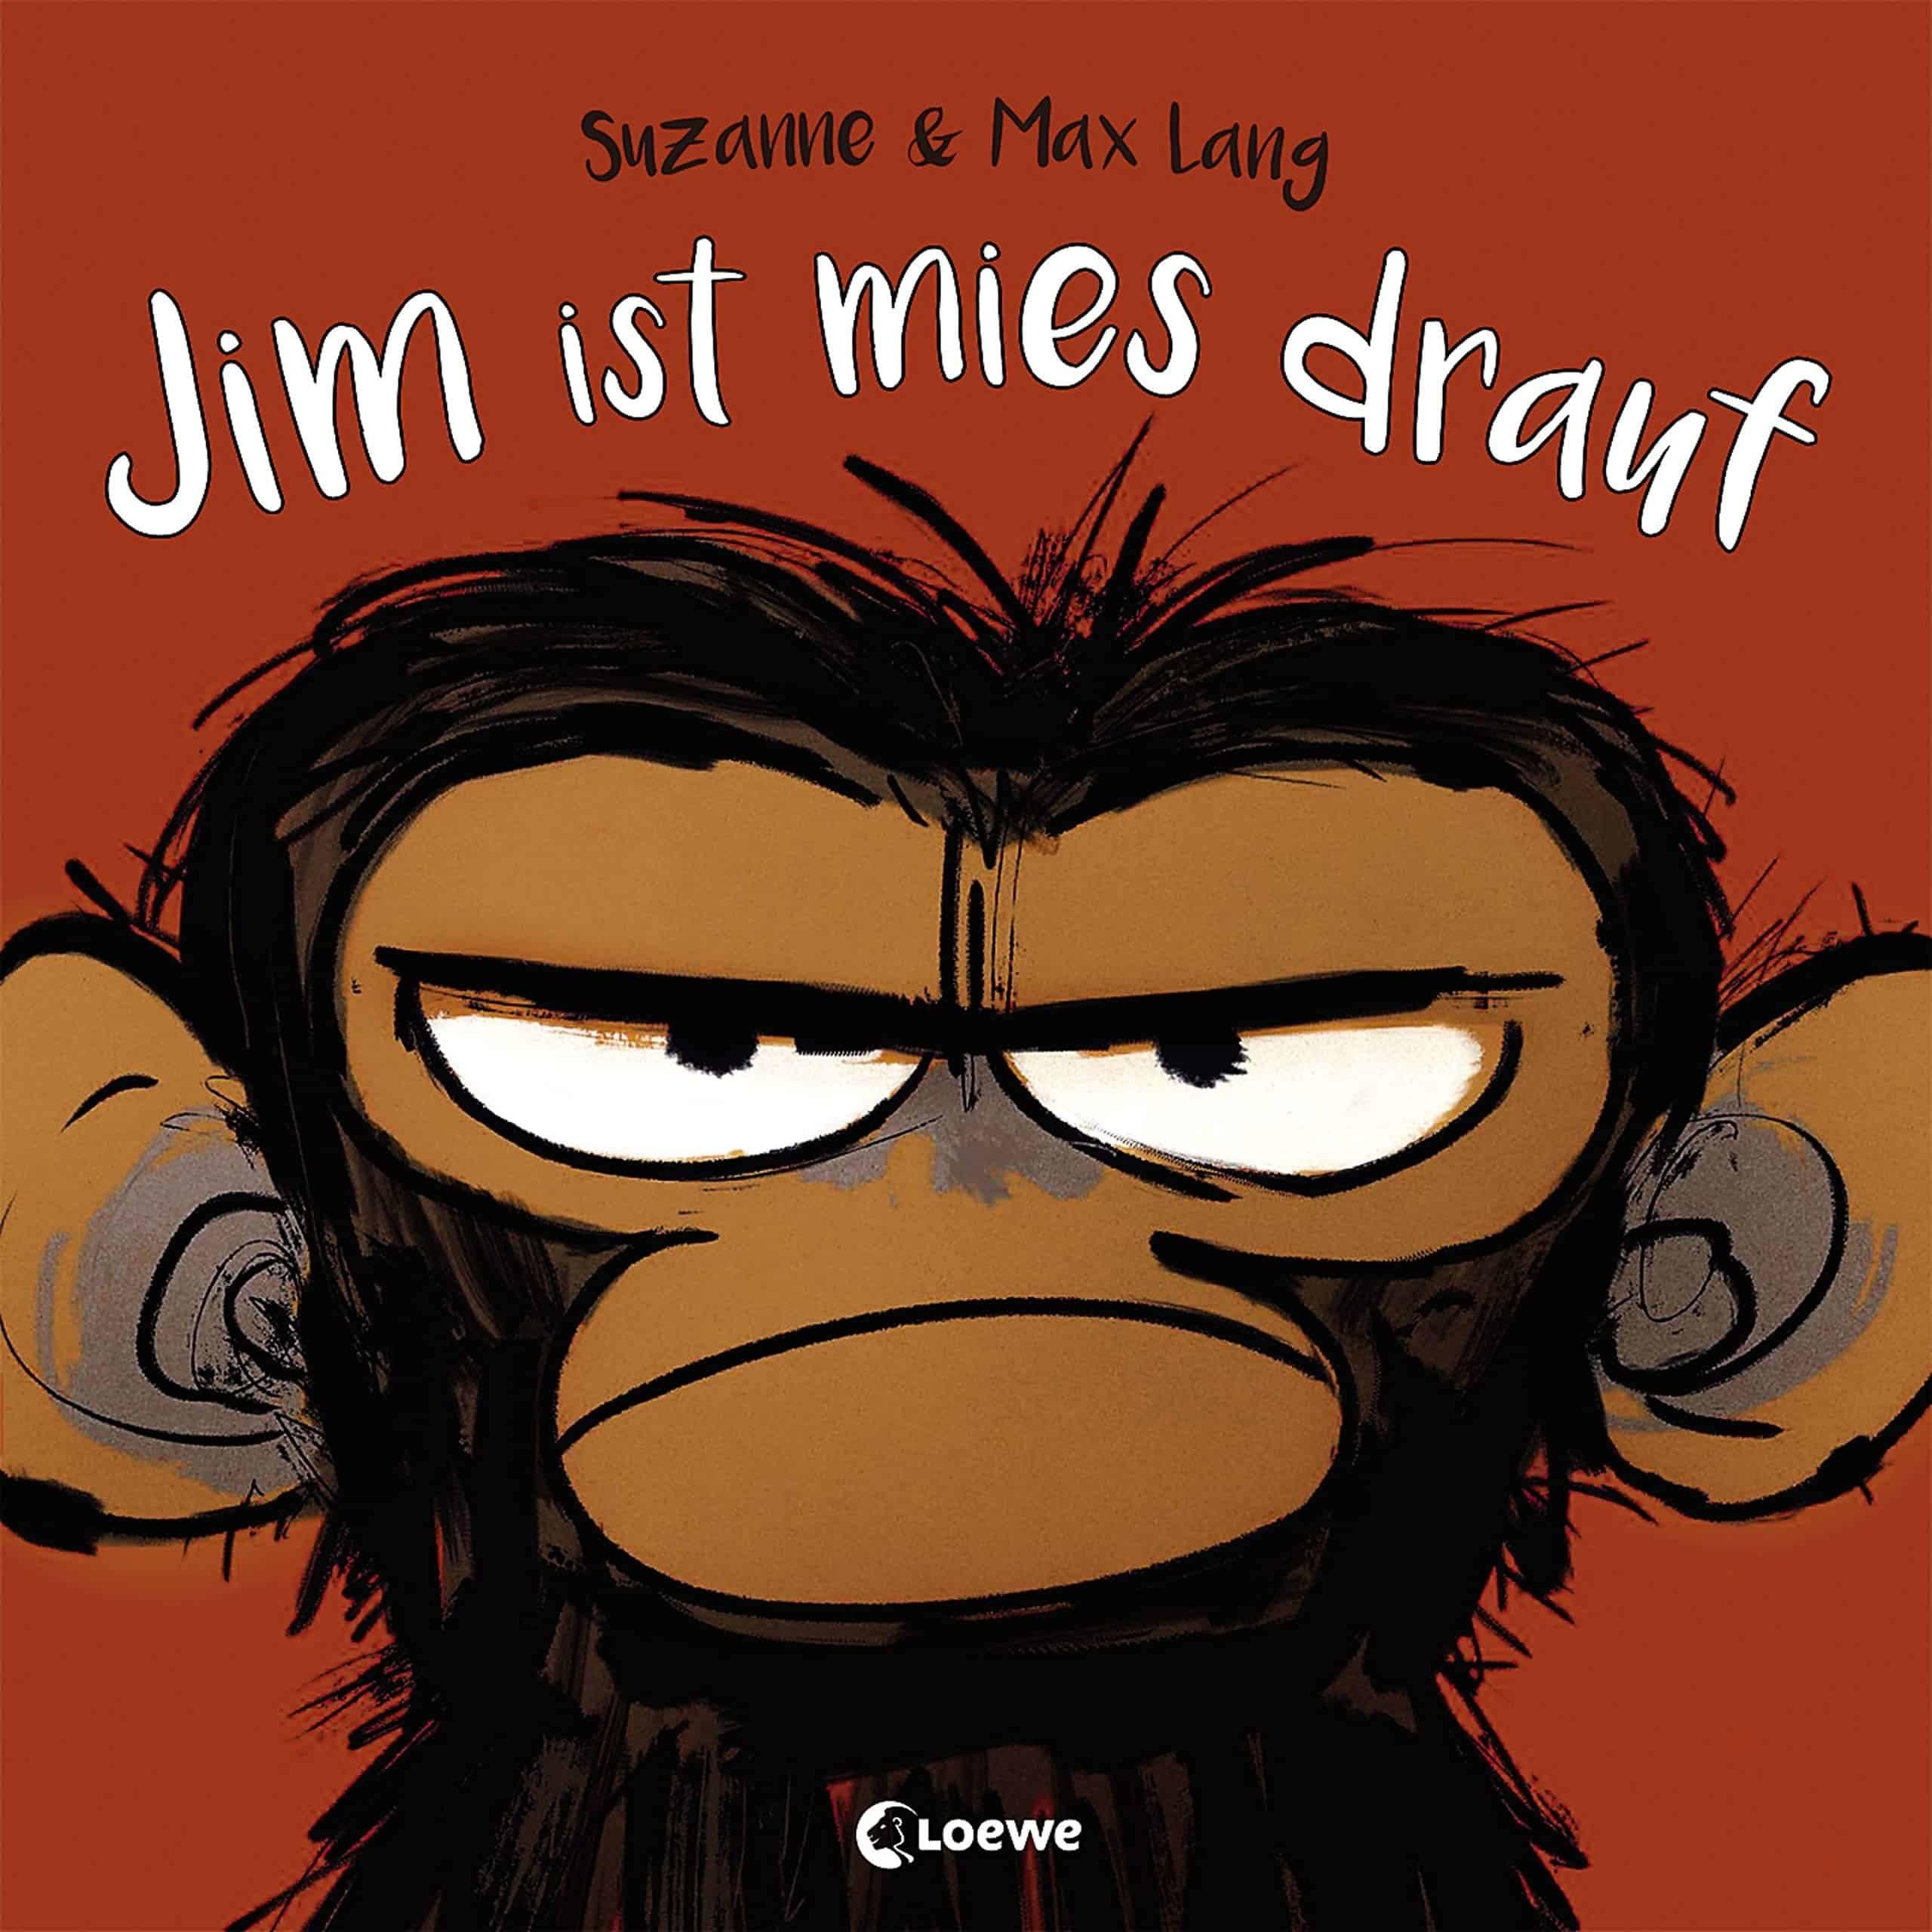 Jim ist mies drauf: Bilderbuch über Gefühle und schlechte Laune für Kinder ab 4 Jahre